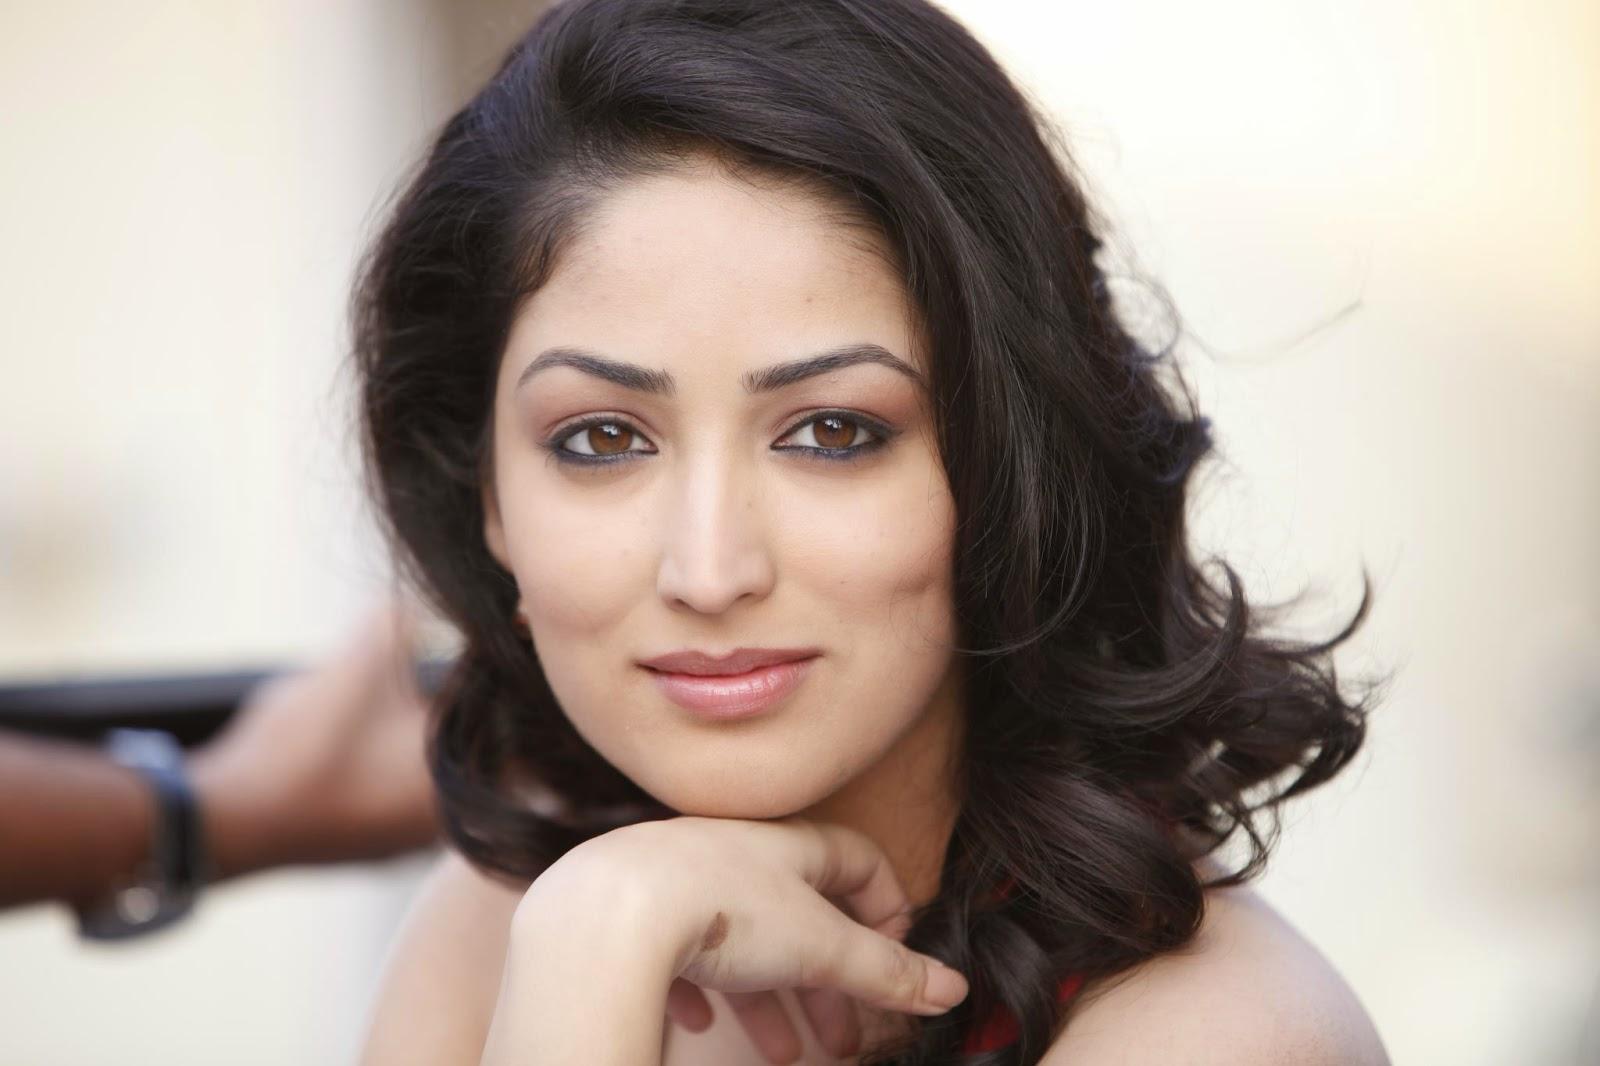 actress celebrities photos: action jackson actress yami gautam new